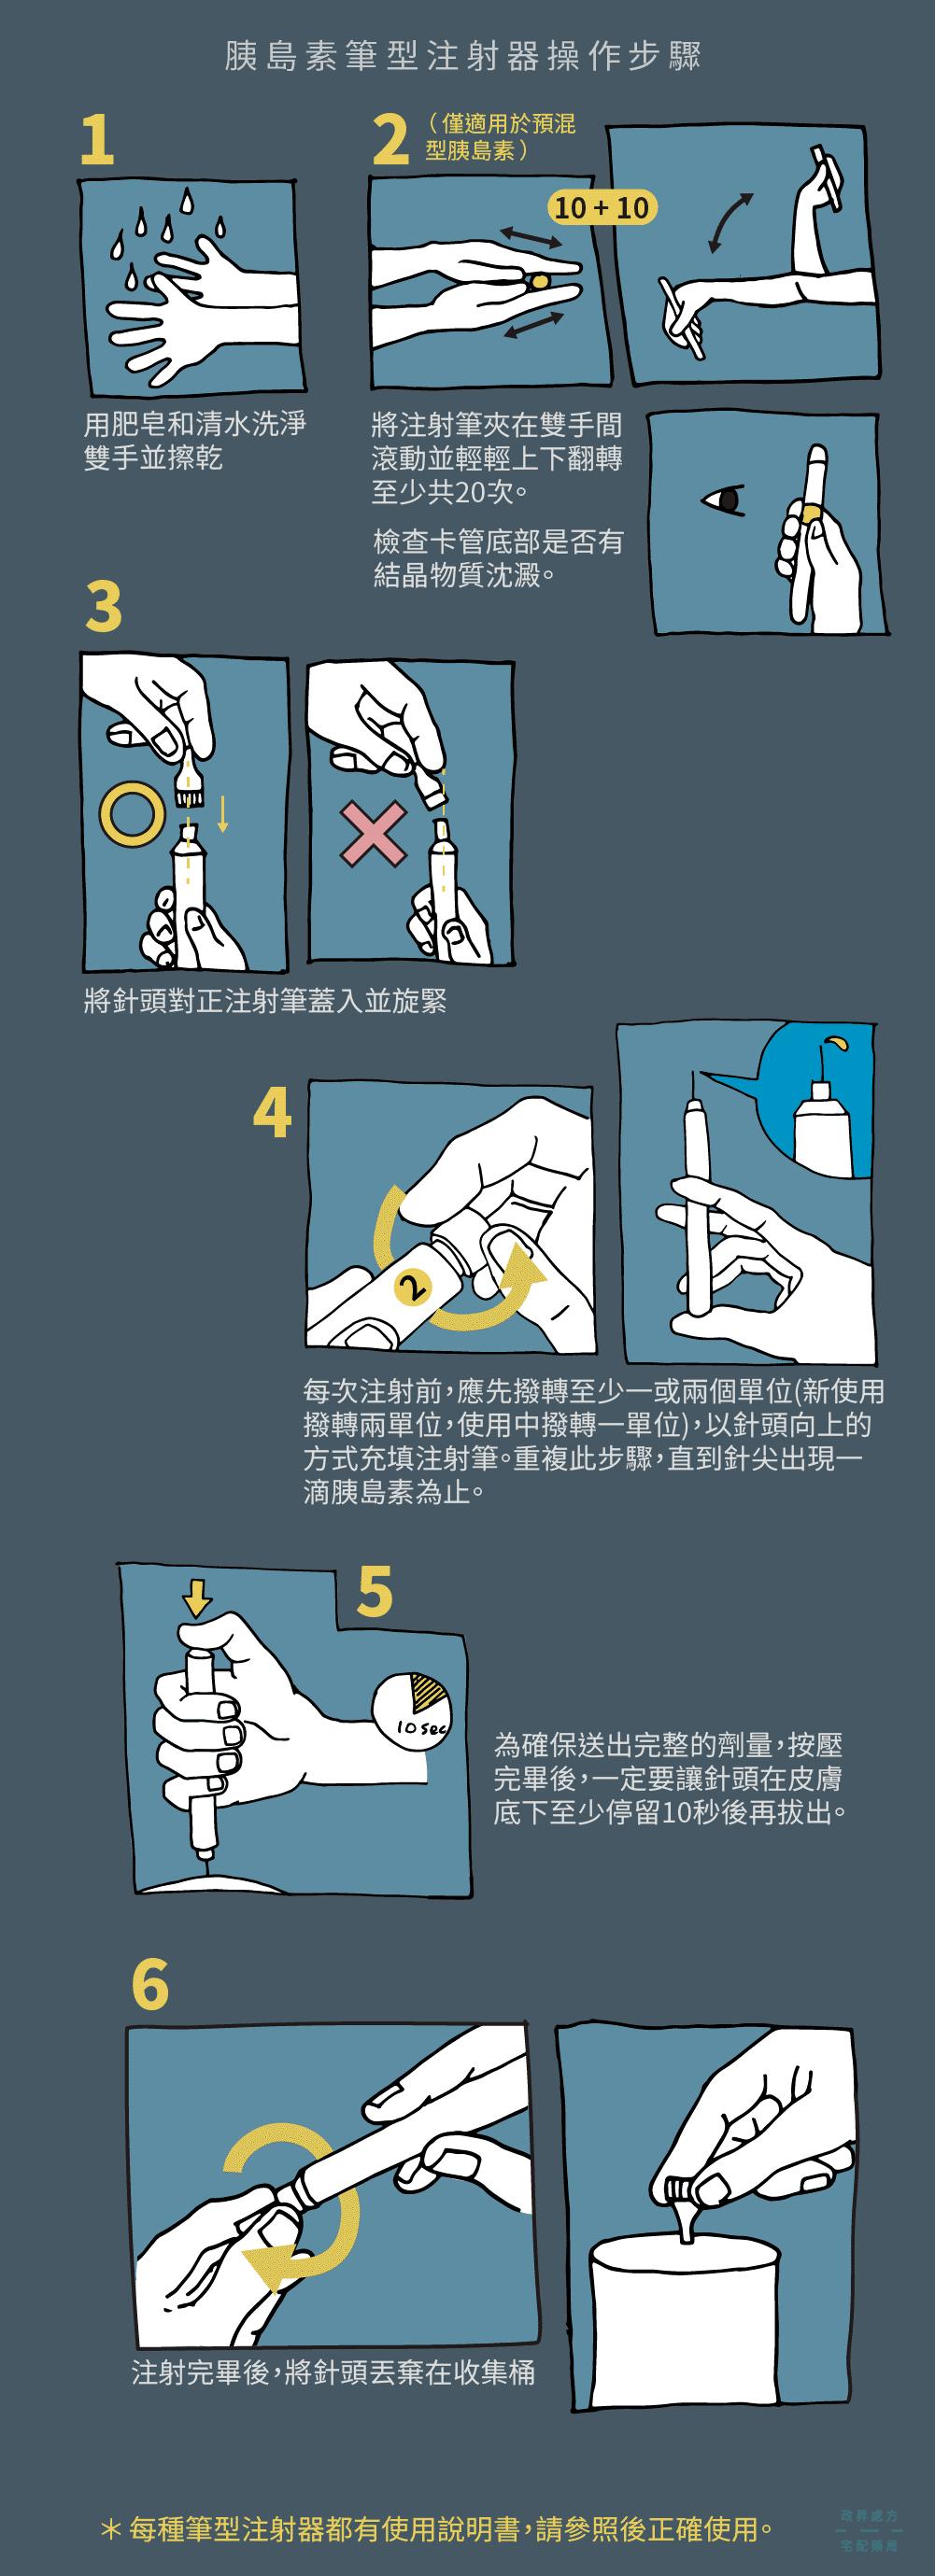 胰島素注射步驟